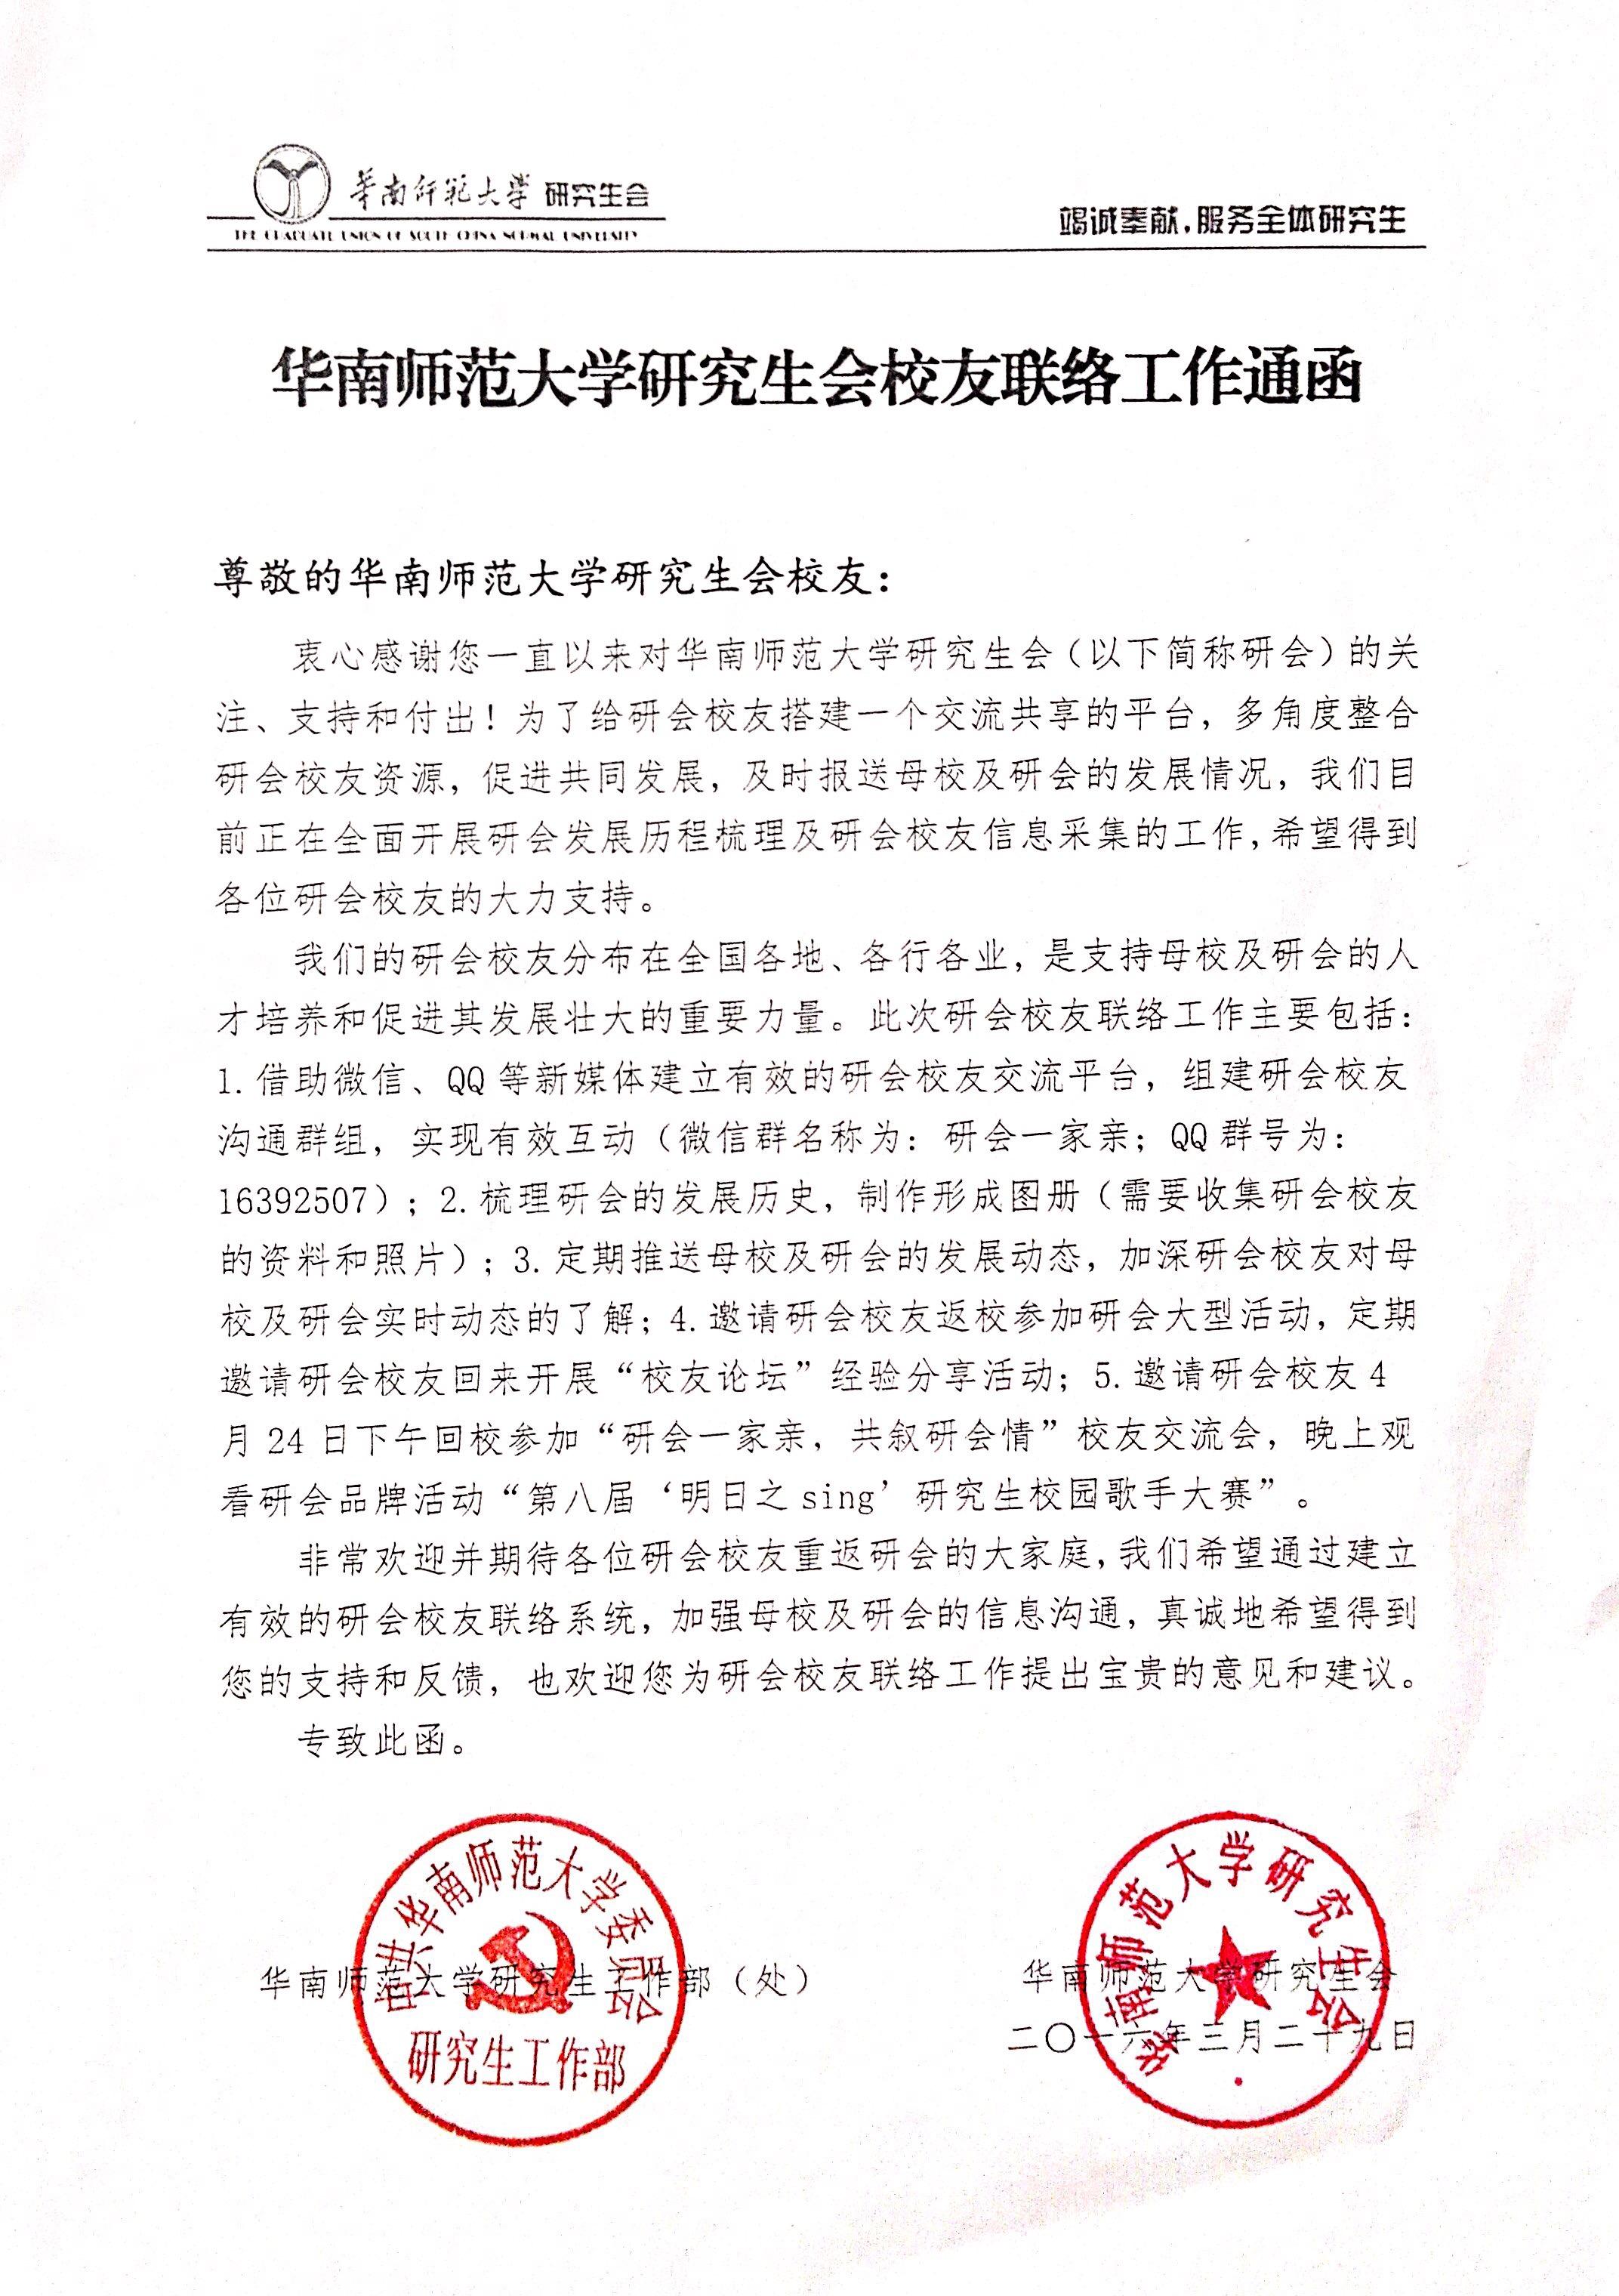 华南师范大学研究生会校友联络工作通函